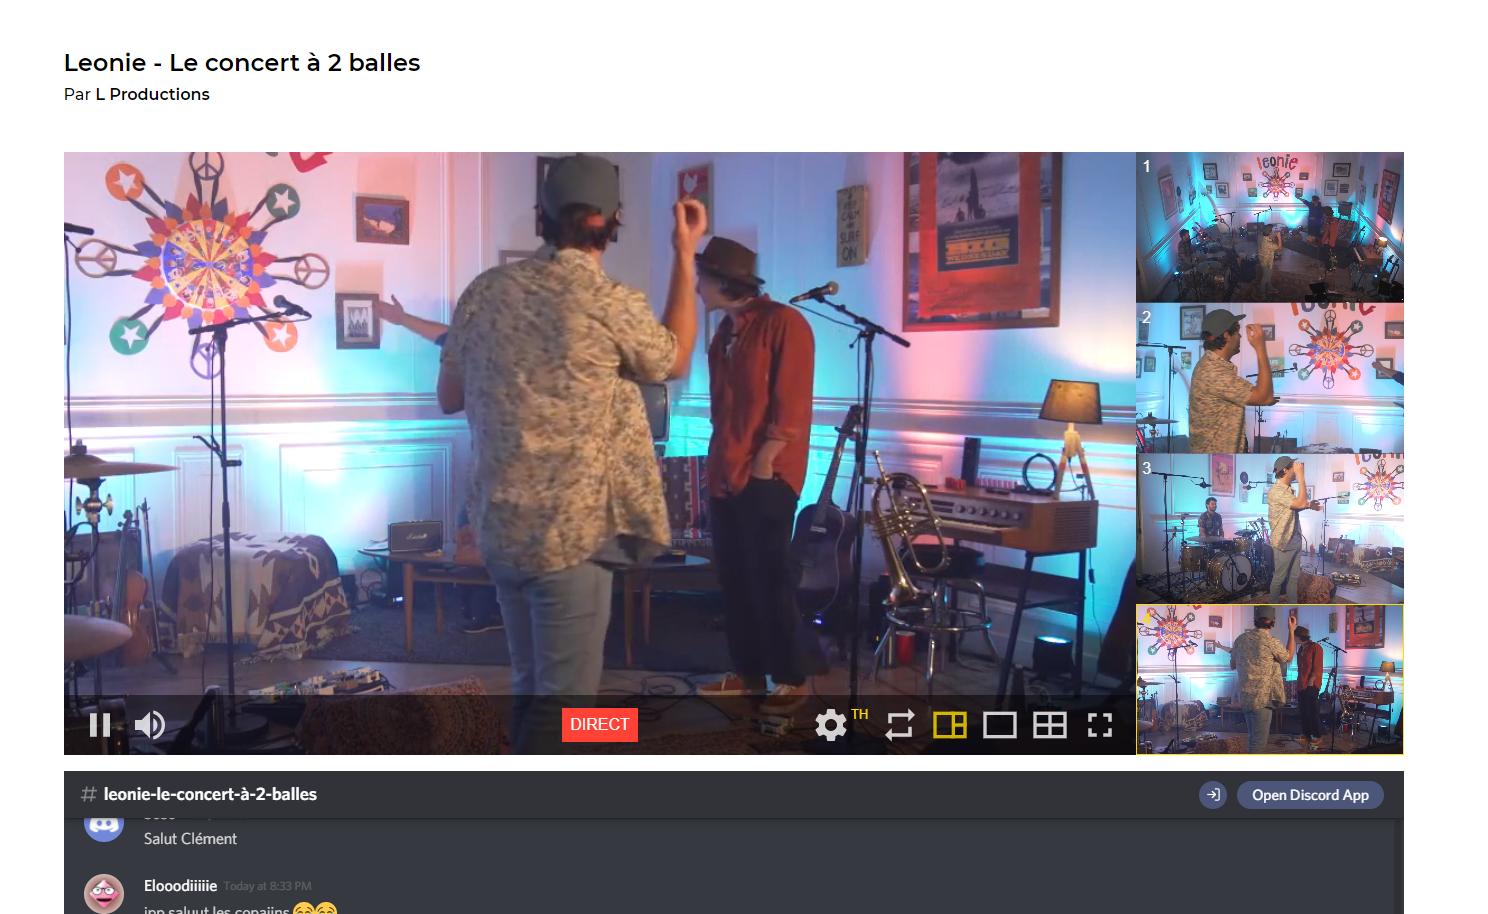 capture d'écran lors du concert virtuel du groupe Léonie